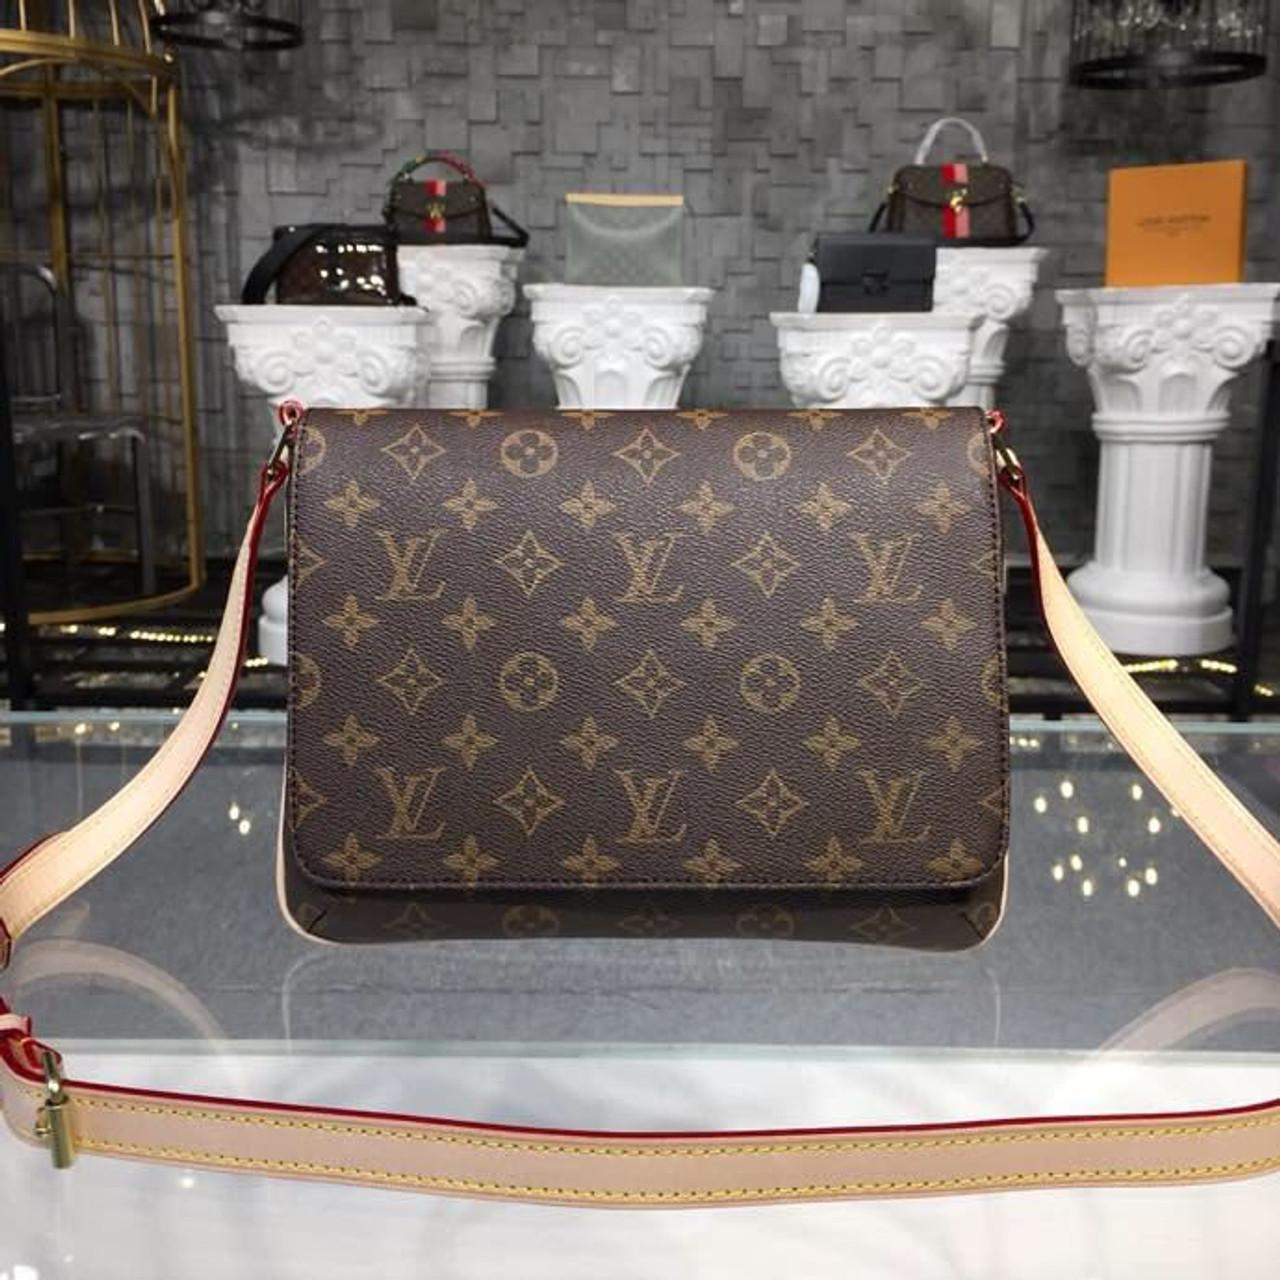 dc0185acb43c Louis Vuitton Musette Tango Short Strap Shoulder Bag Monogram Canvas  Fall Winter 2018 Collection M51257